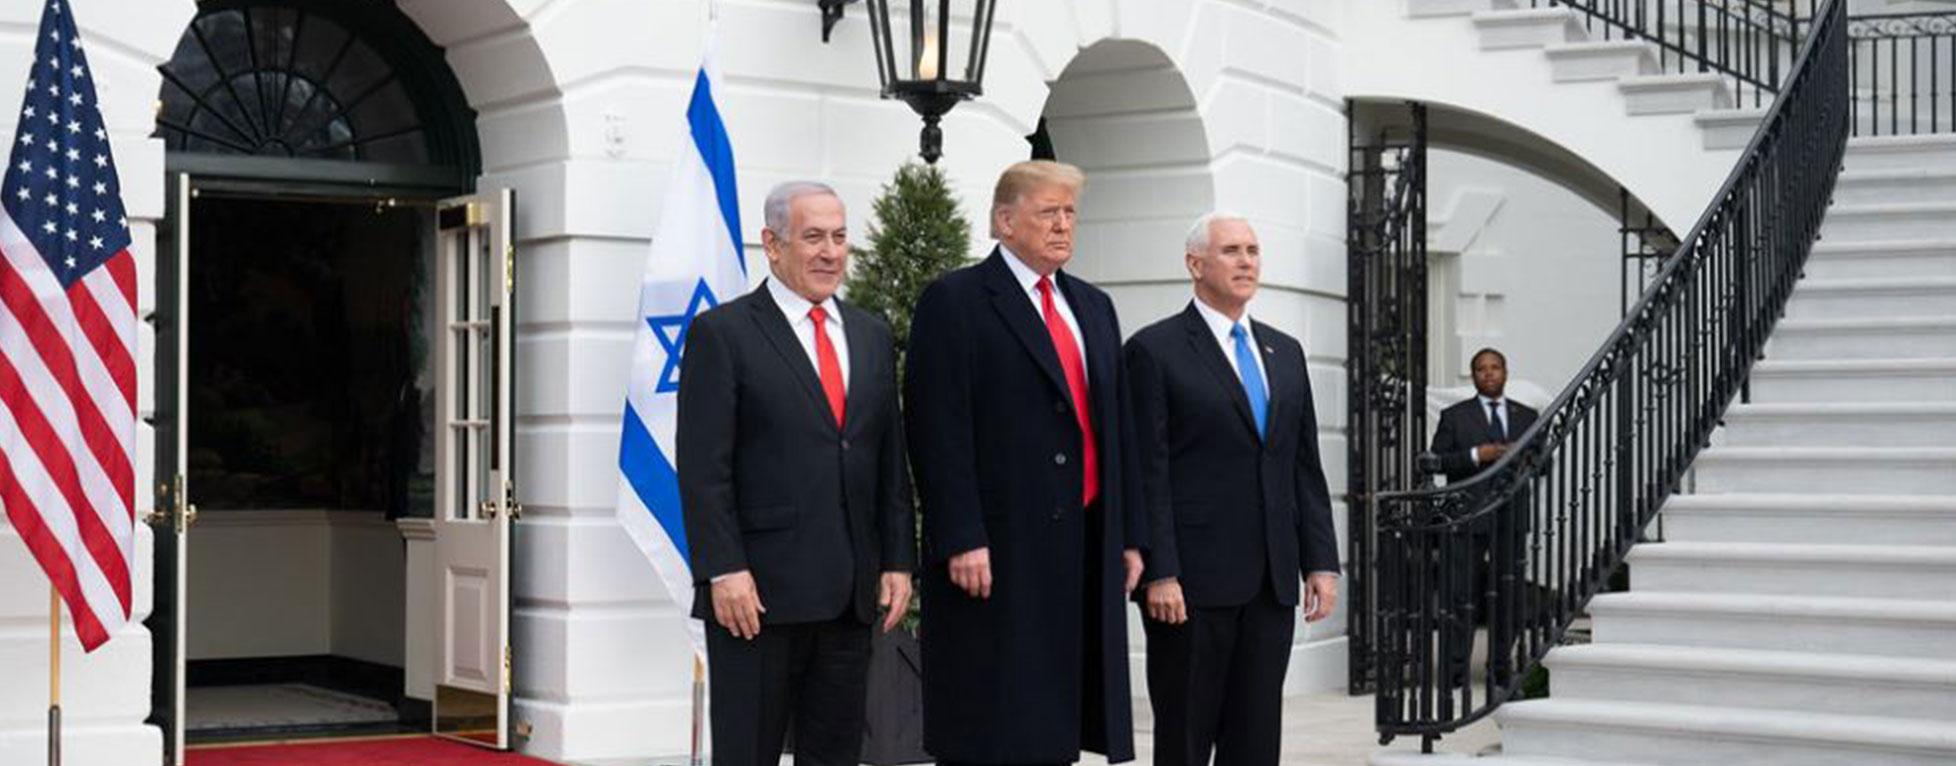 Conflit israélo-palestinien : le plan Trump, un pas de plus vers la guerre ?